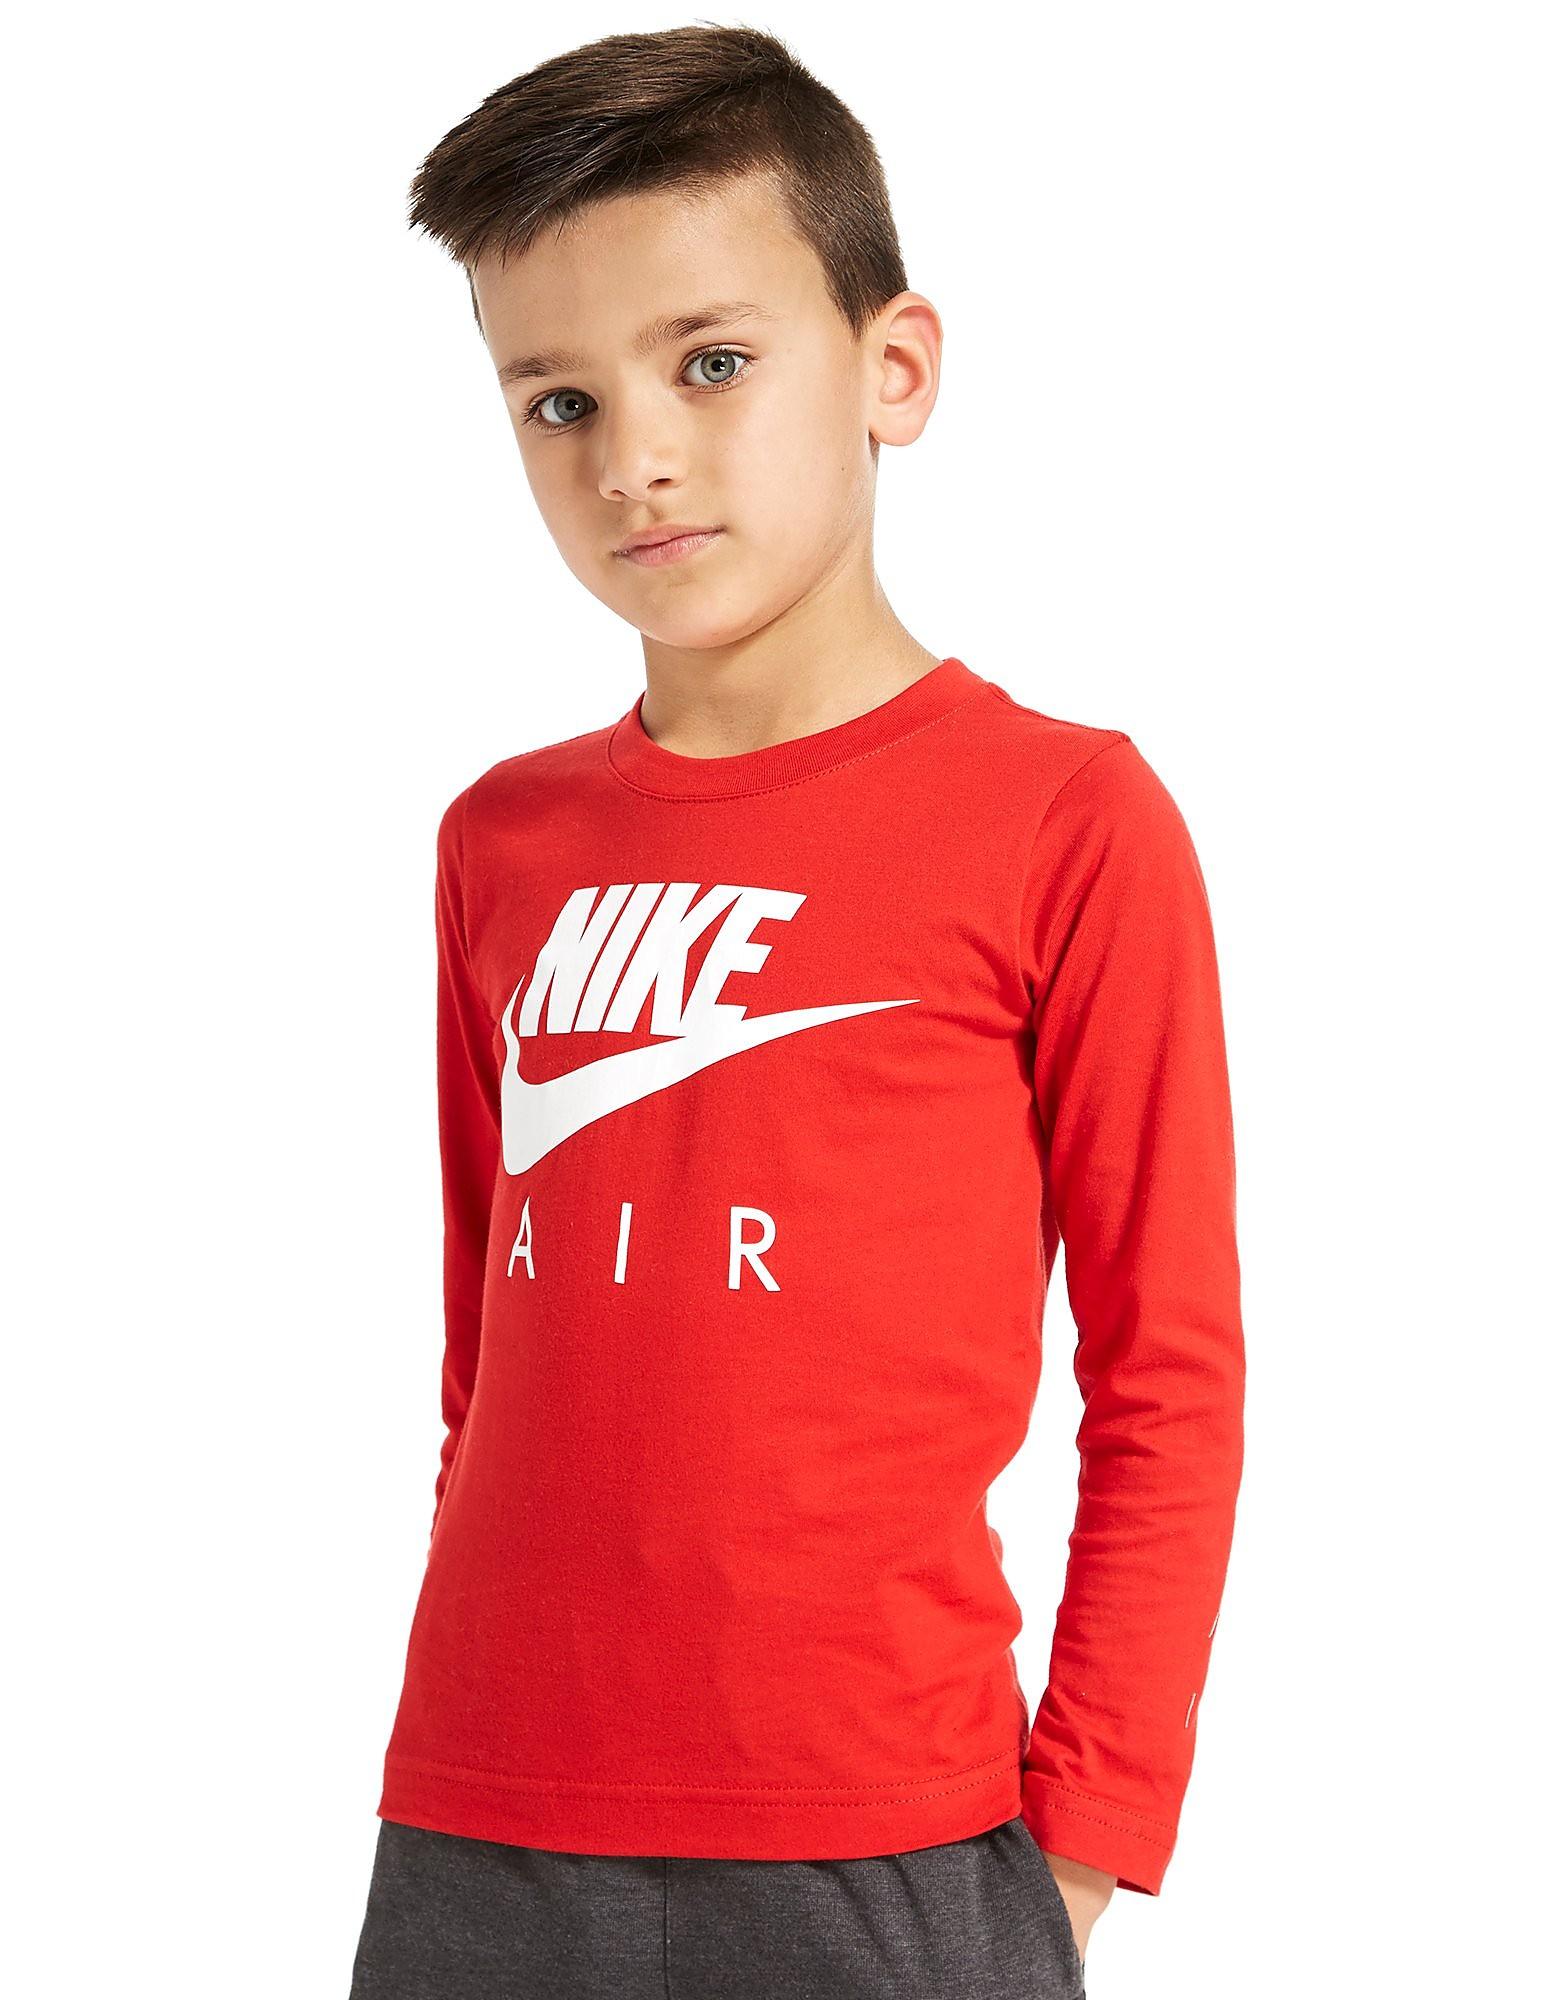 Nike Air Hybrid Longsleeve T-Shirt